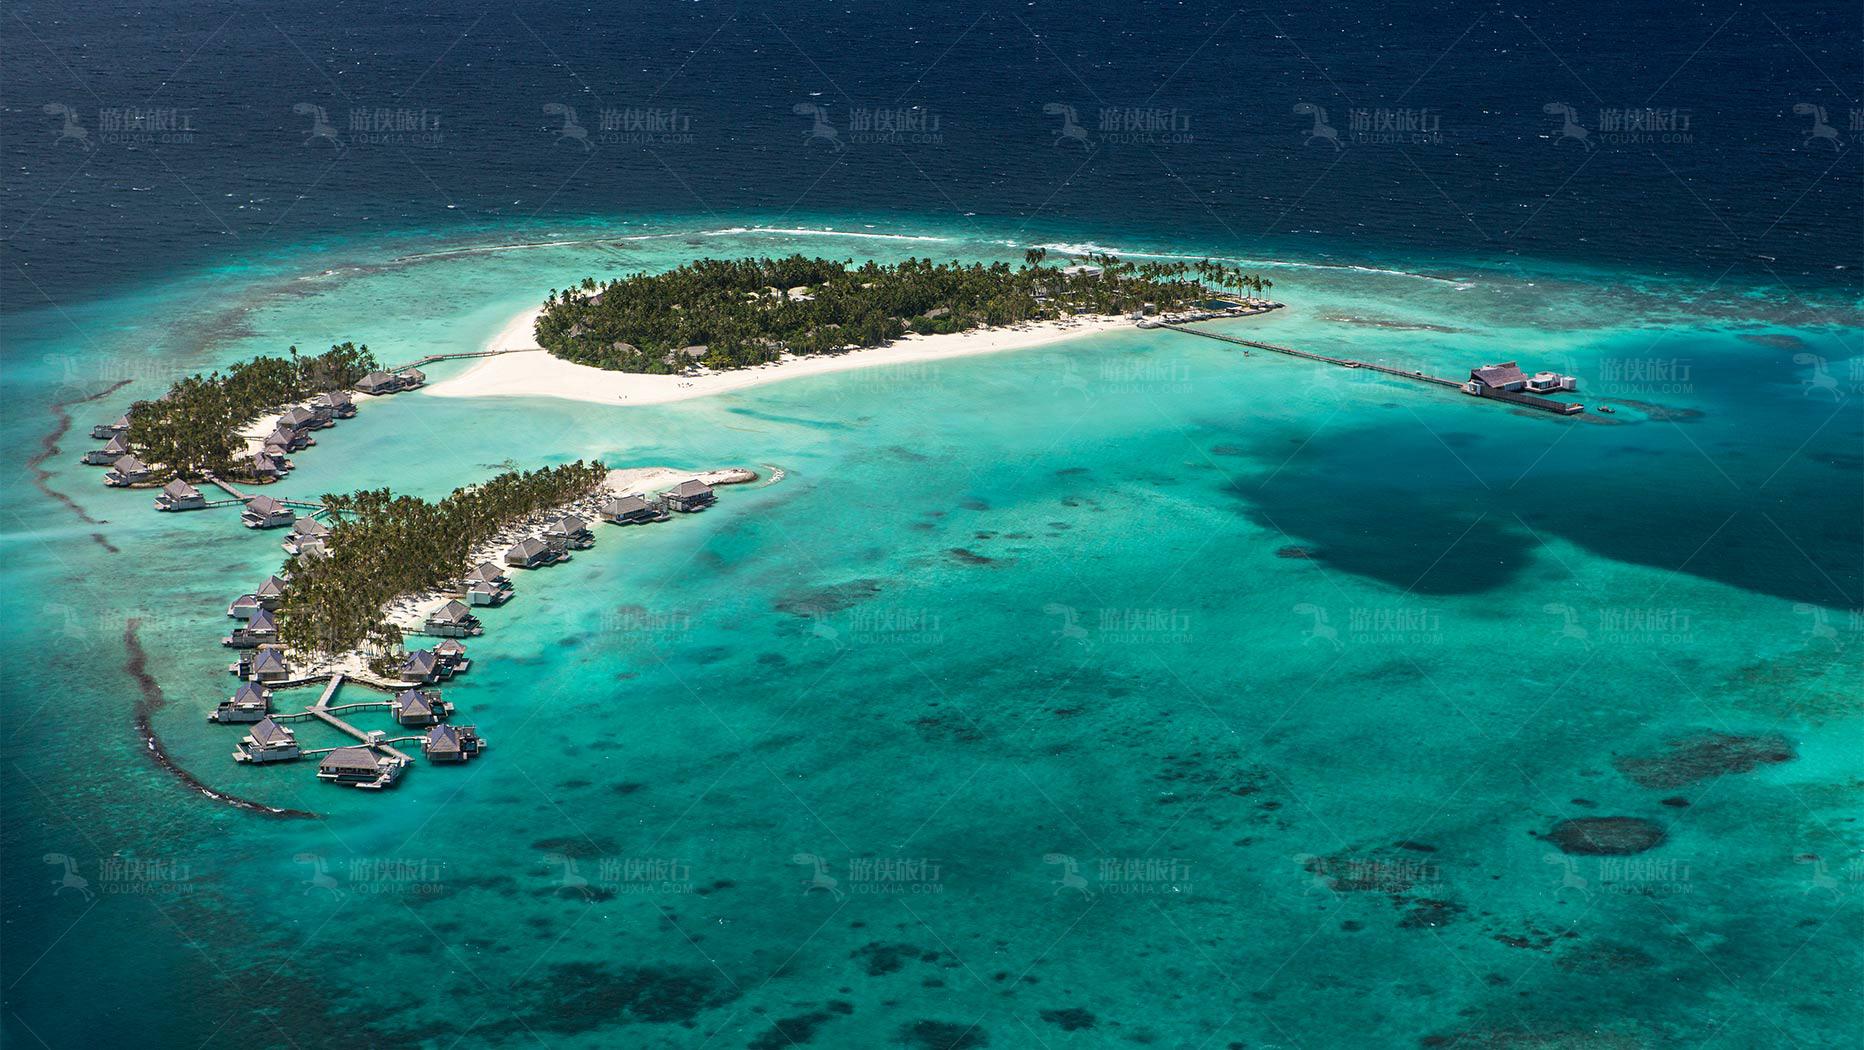 去马尔代夫旅游要多少钱,马尔代夫旅游自由行代理-马代假期